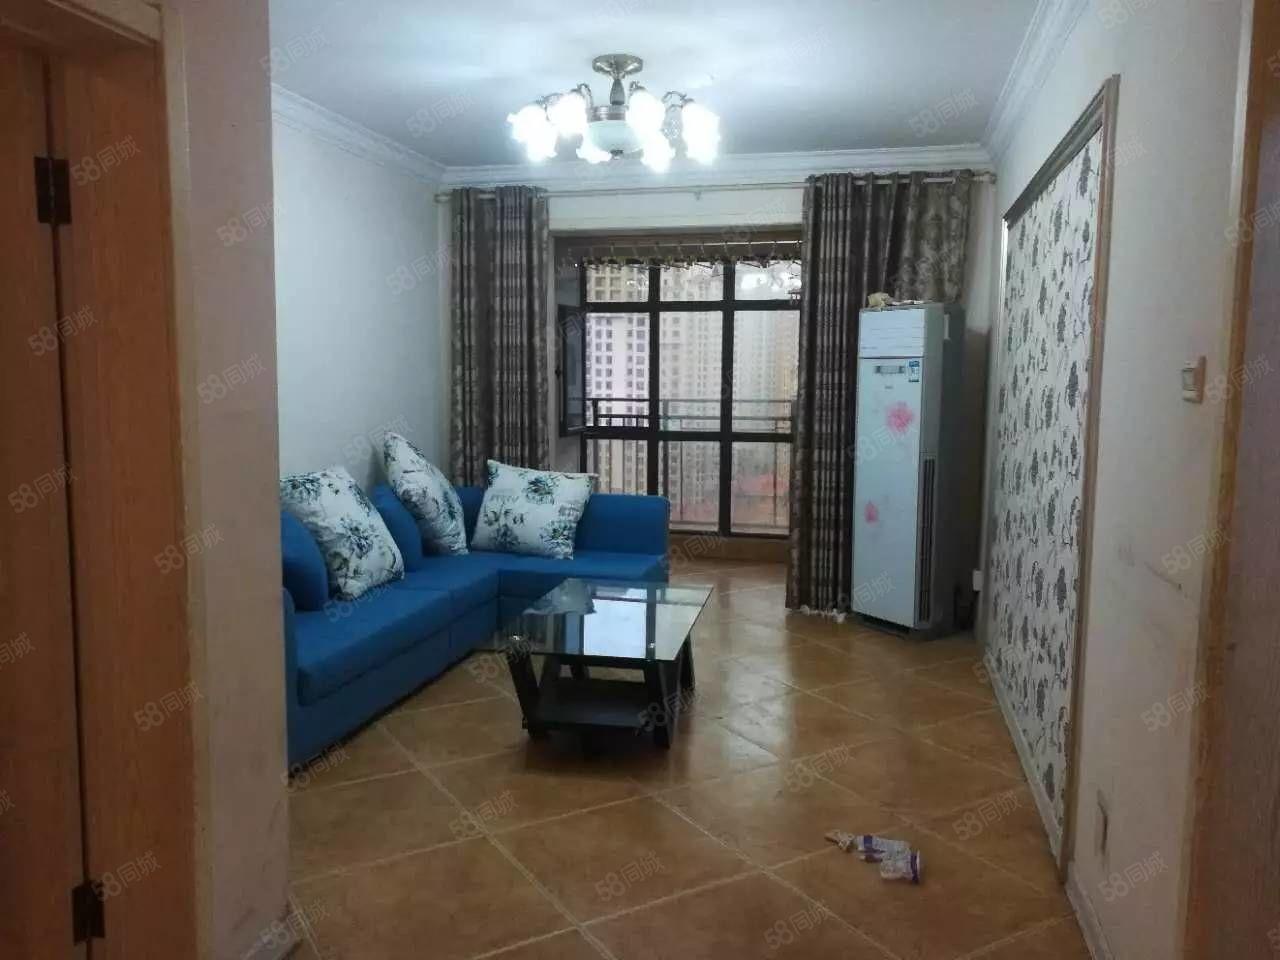 远大理想城精装两房出租,家具家电齐全随时看房全南户型